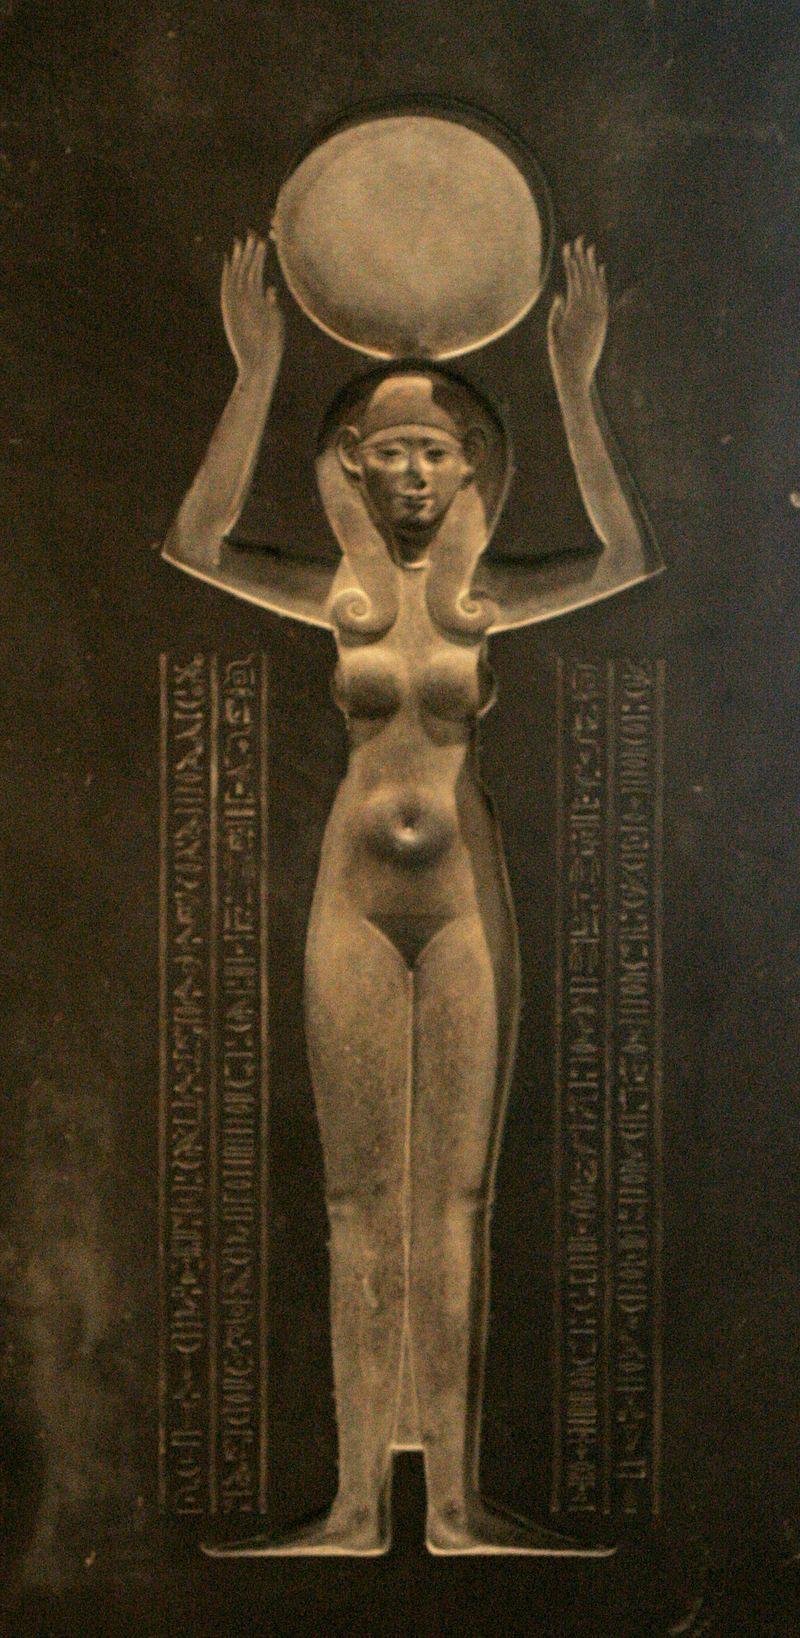 Couvercle du Sarcophage de Djedhor